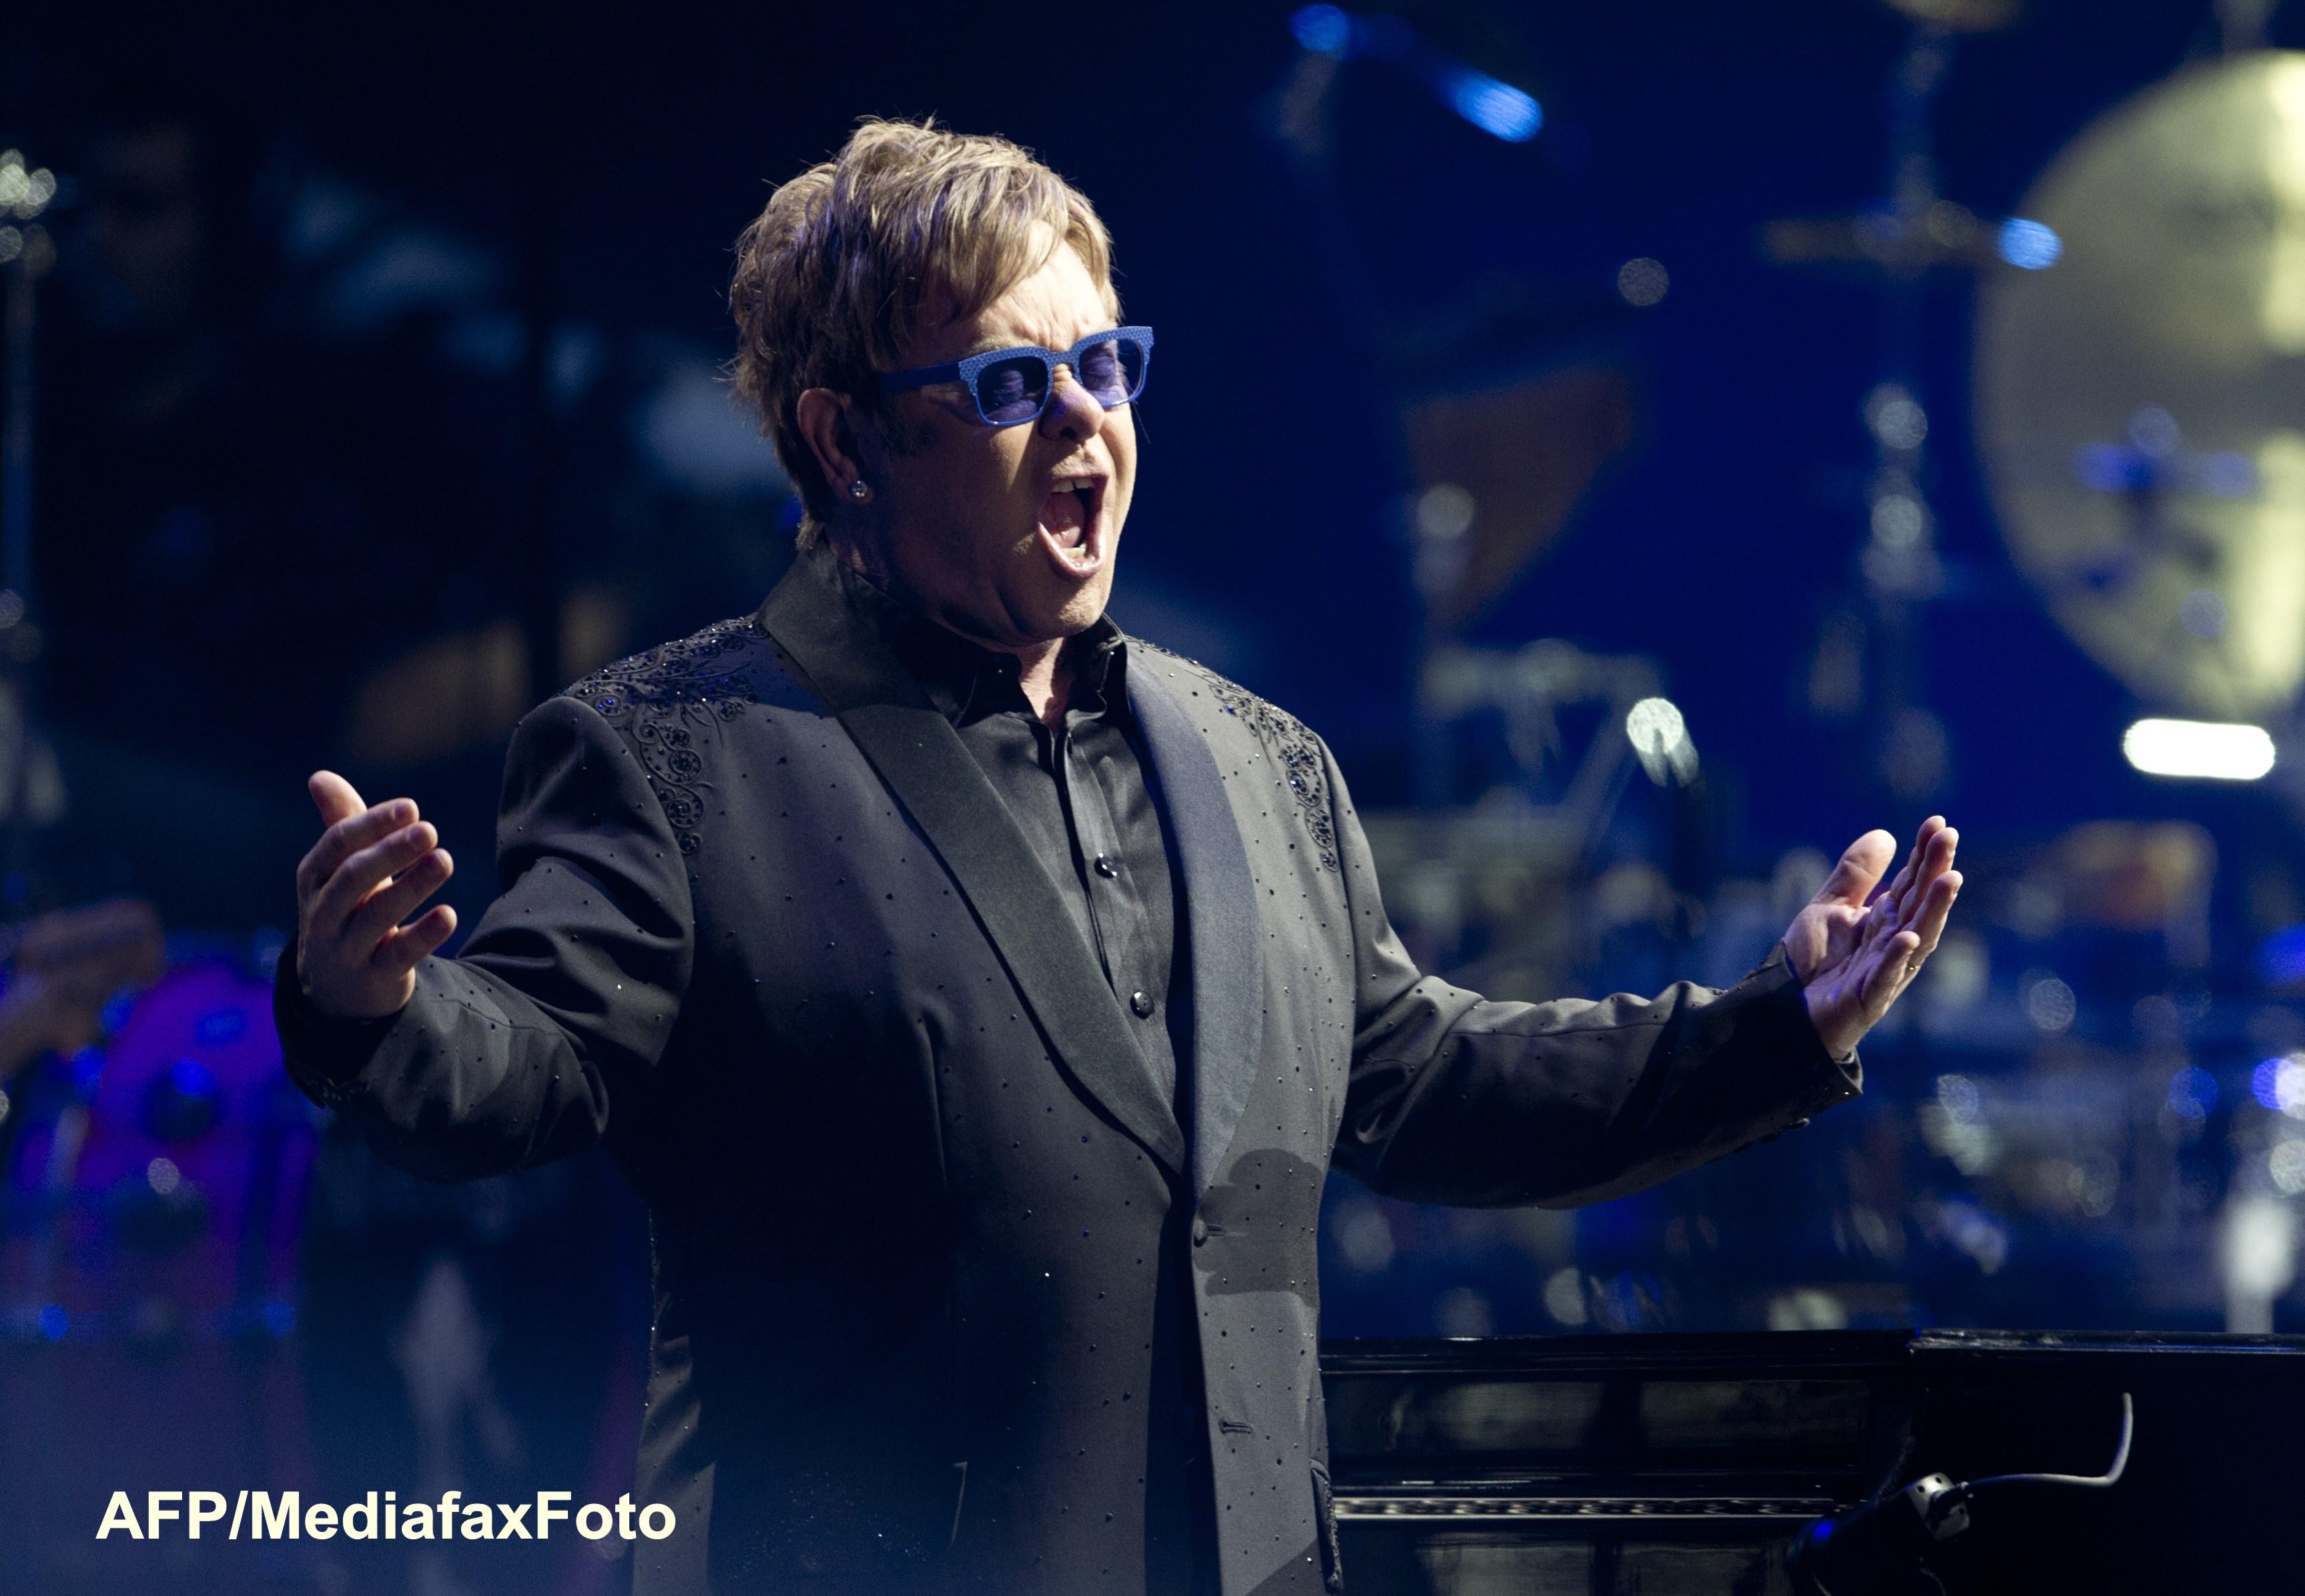 Gafa de zile mari a lui Elton John. Momentul in care cade cu un scaun sub privirile amuzate a mii de spectatori. VIDEO